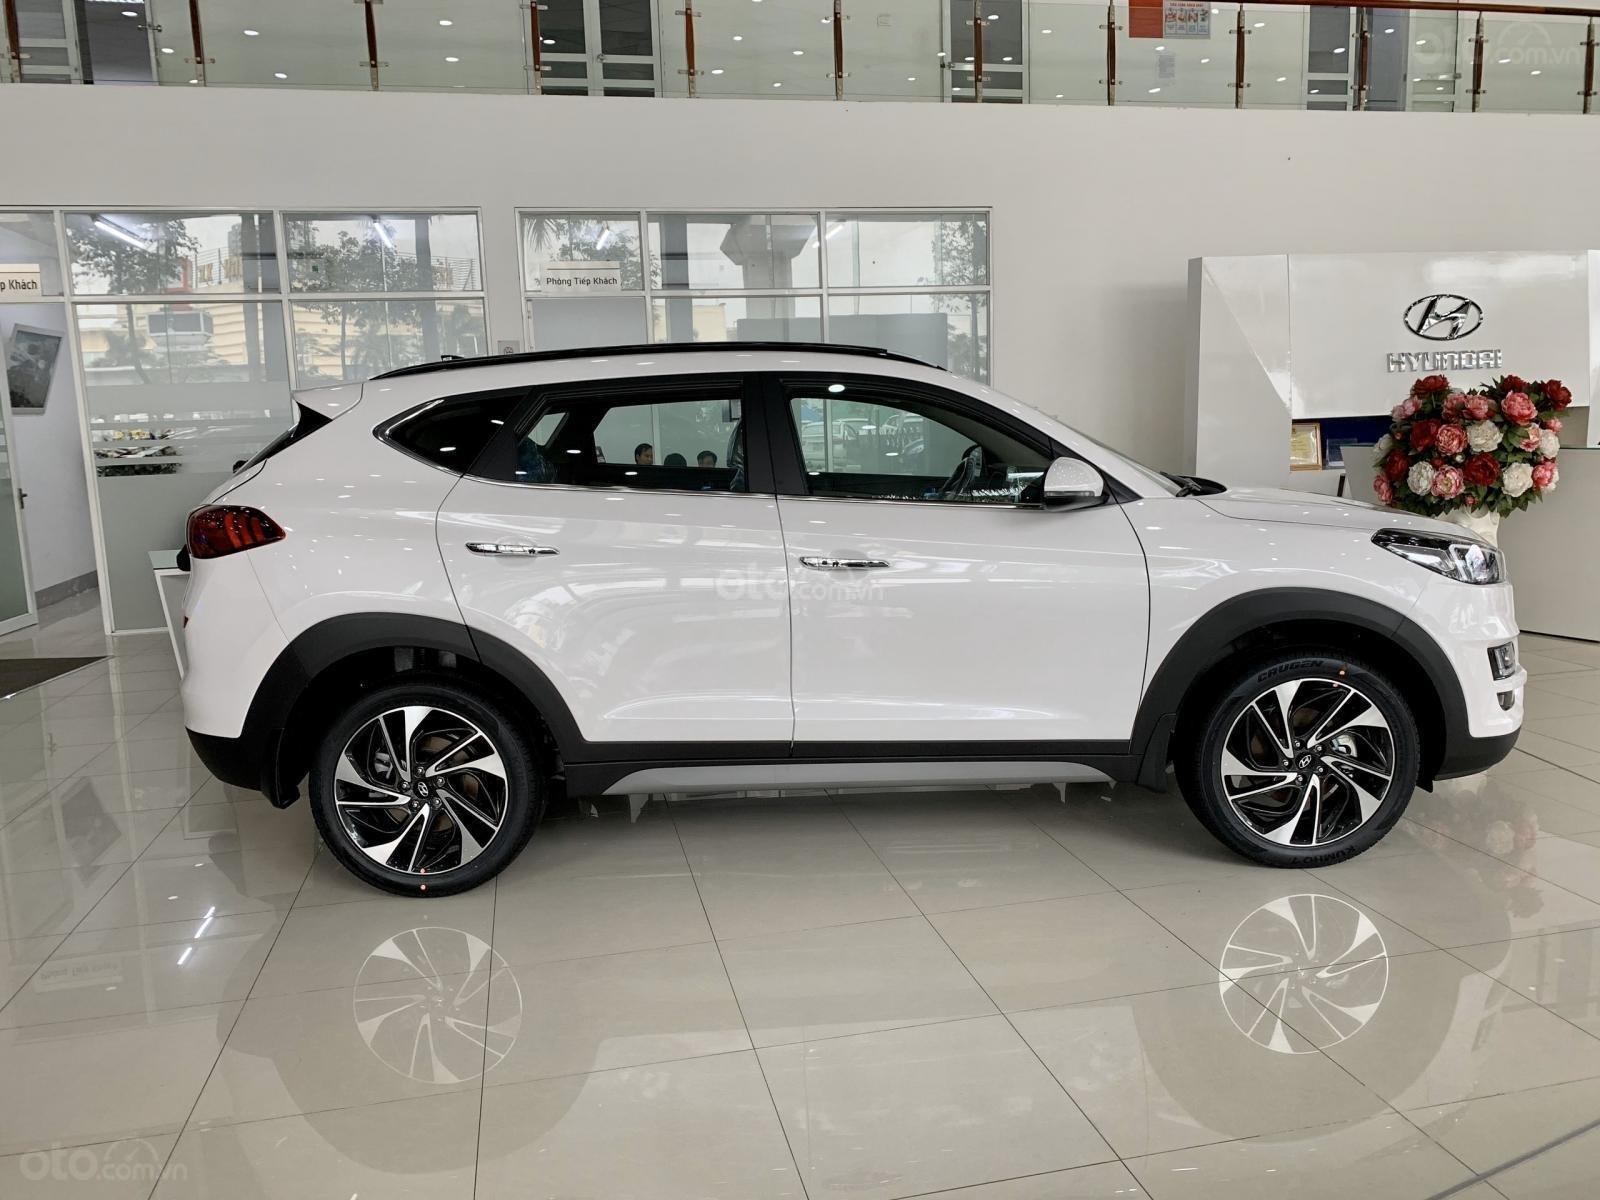 Hyundai Tucson 2020 giảm ngay 50% thuế TB + quà tặng cực kỳ hấp dẫn, trả trước 200 triệu nhận ngay xe (3)